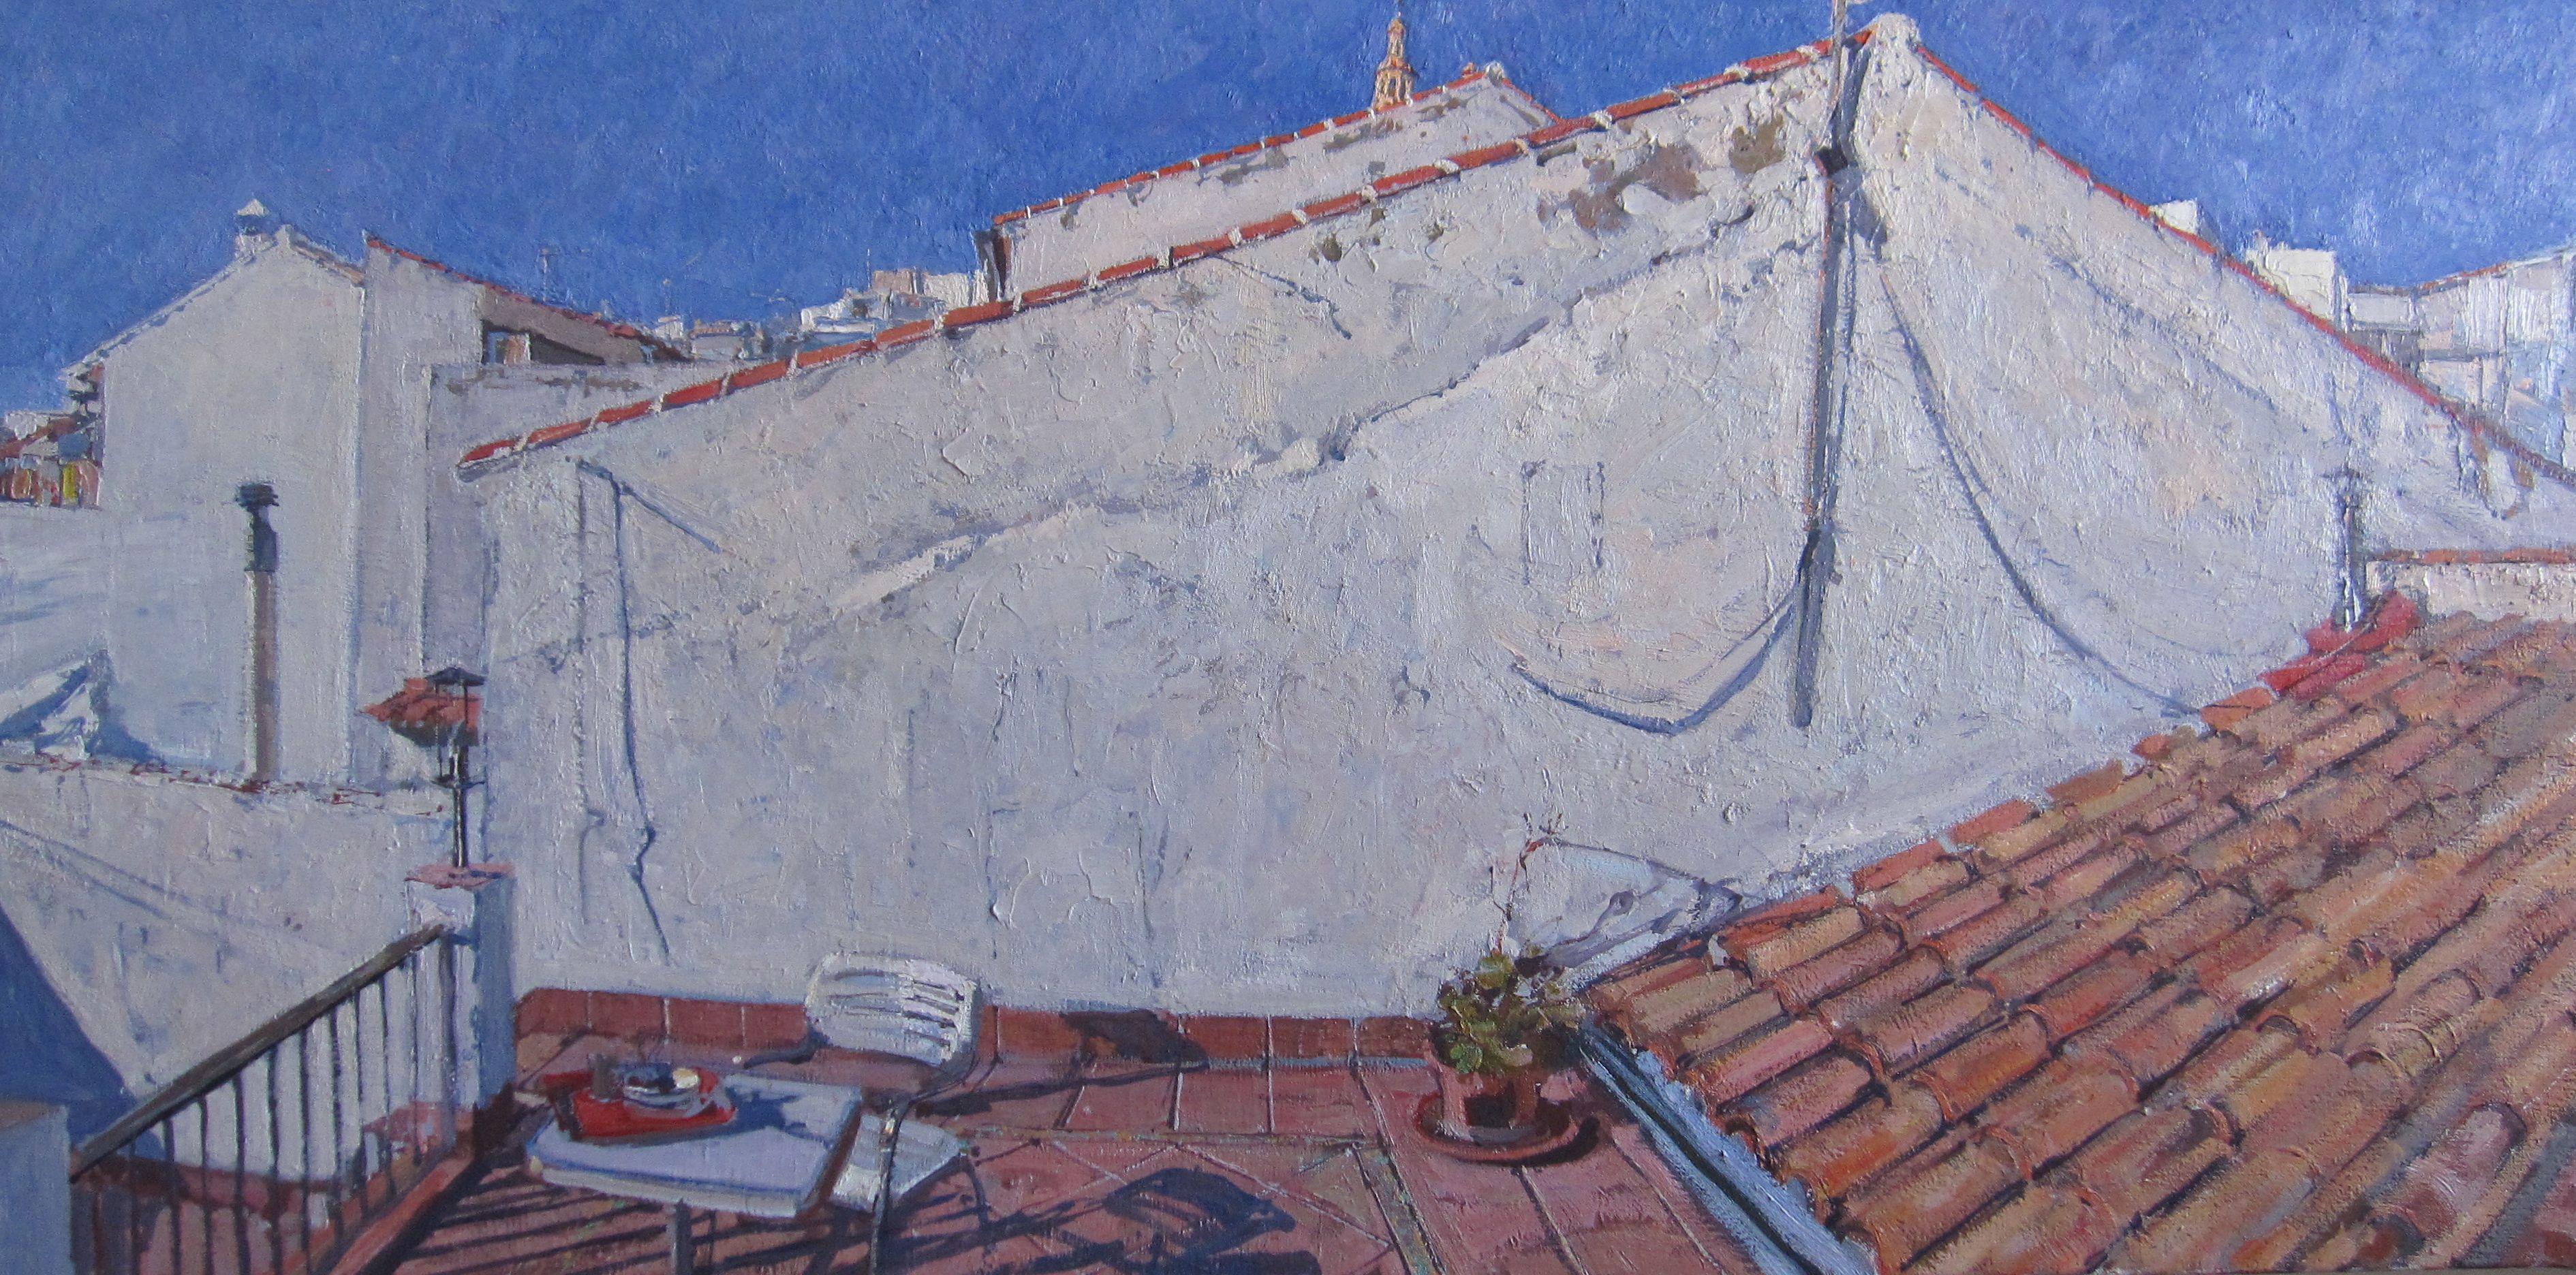 Pueblos Blancos VI by  Daud Akhriev - Masterpiece Online